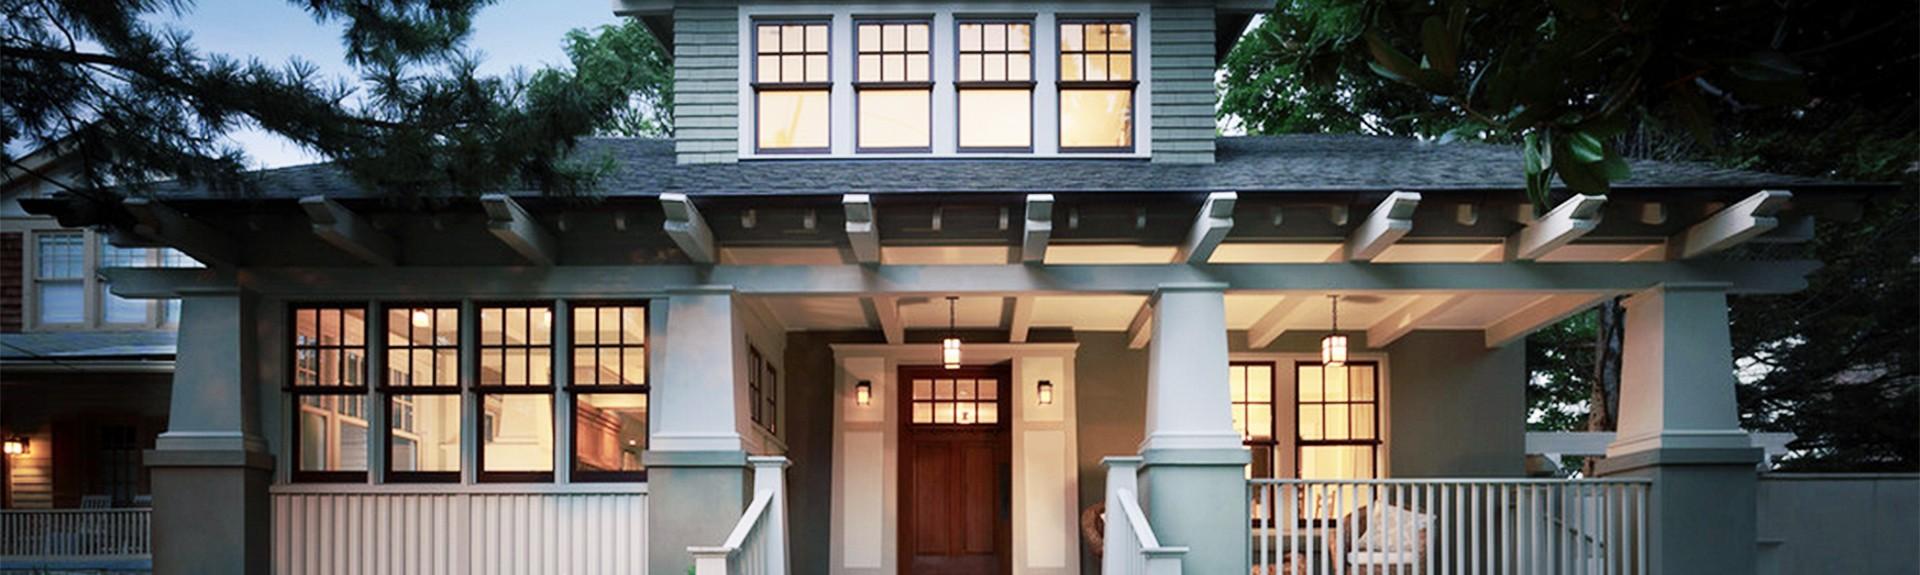 Exterior Home 10